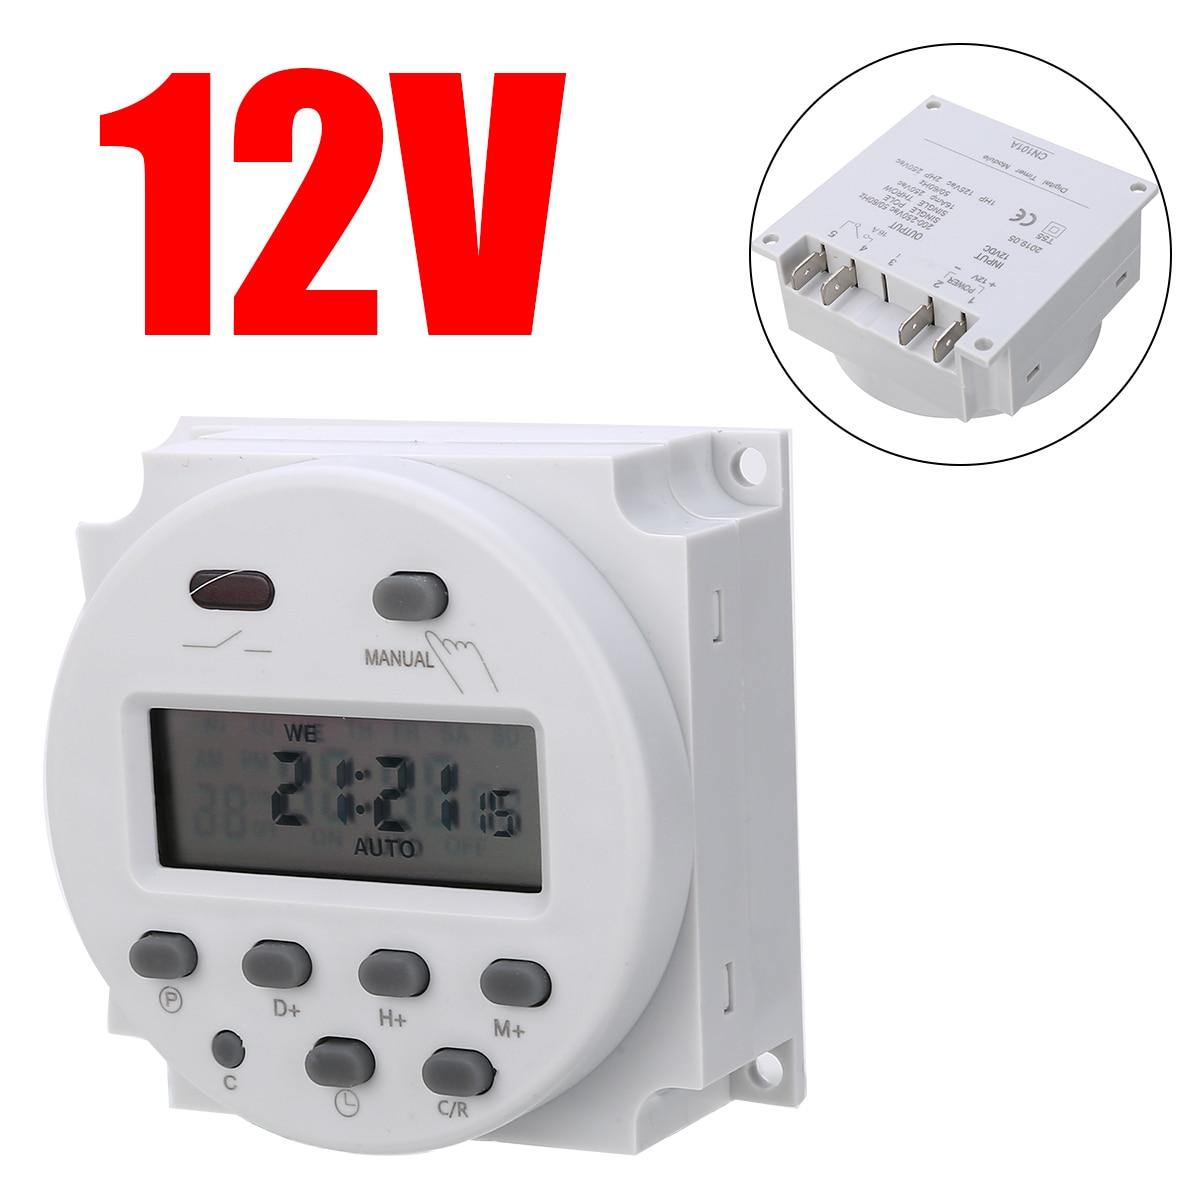 Tempo temporizador Interruptor do Relé AC/DC 12V 16A Digital Programável Semanal 7 Dias Controle Para Eletrodomésticos Elétrica